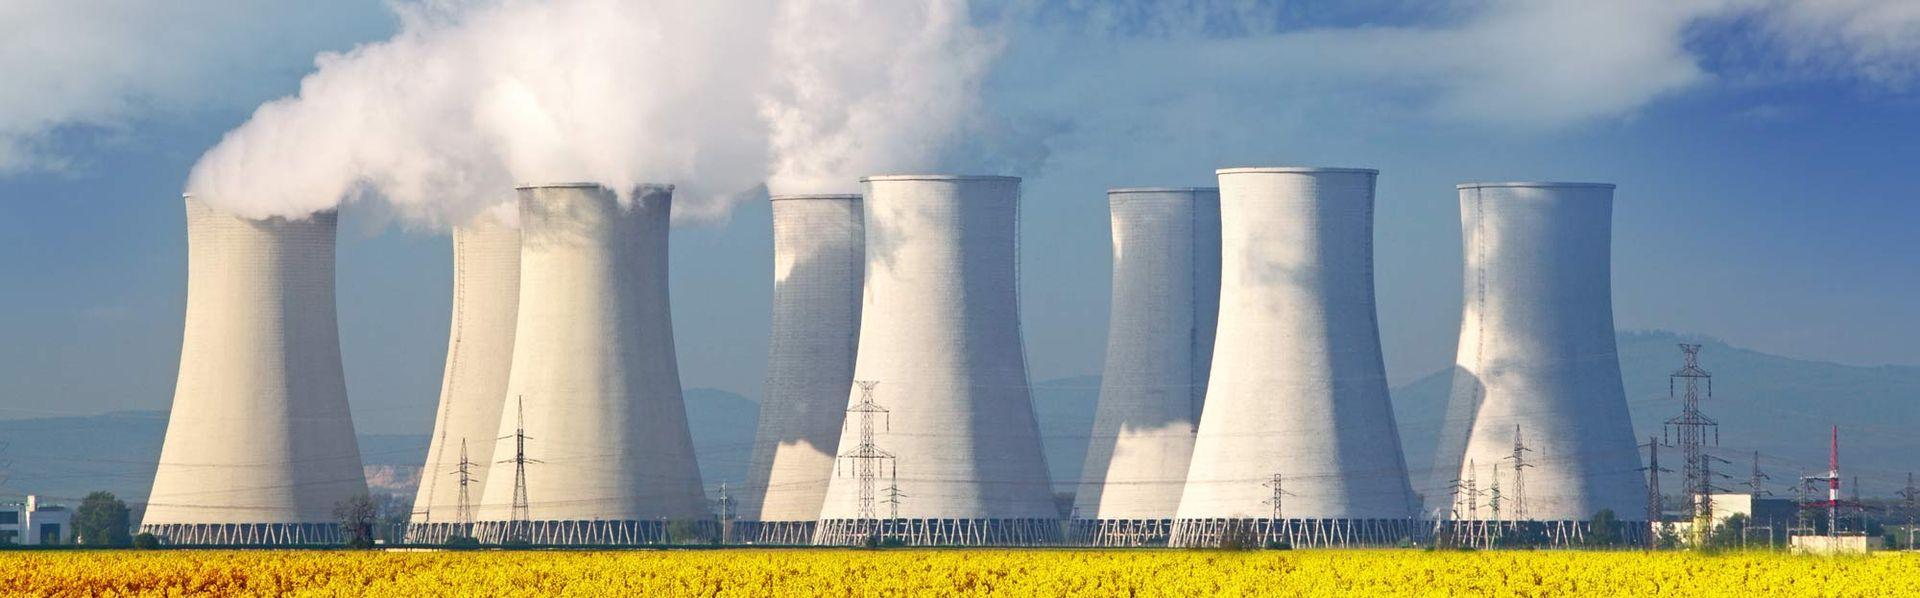 Centrale nucléaire. [pwmotion - Fotolia]